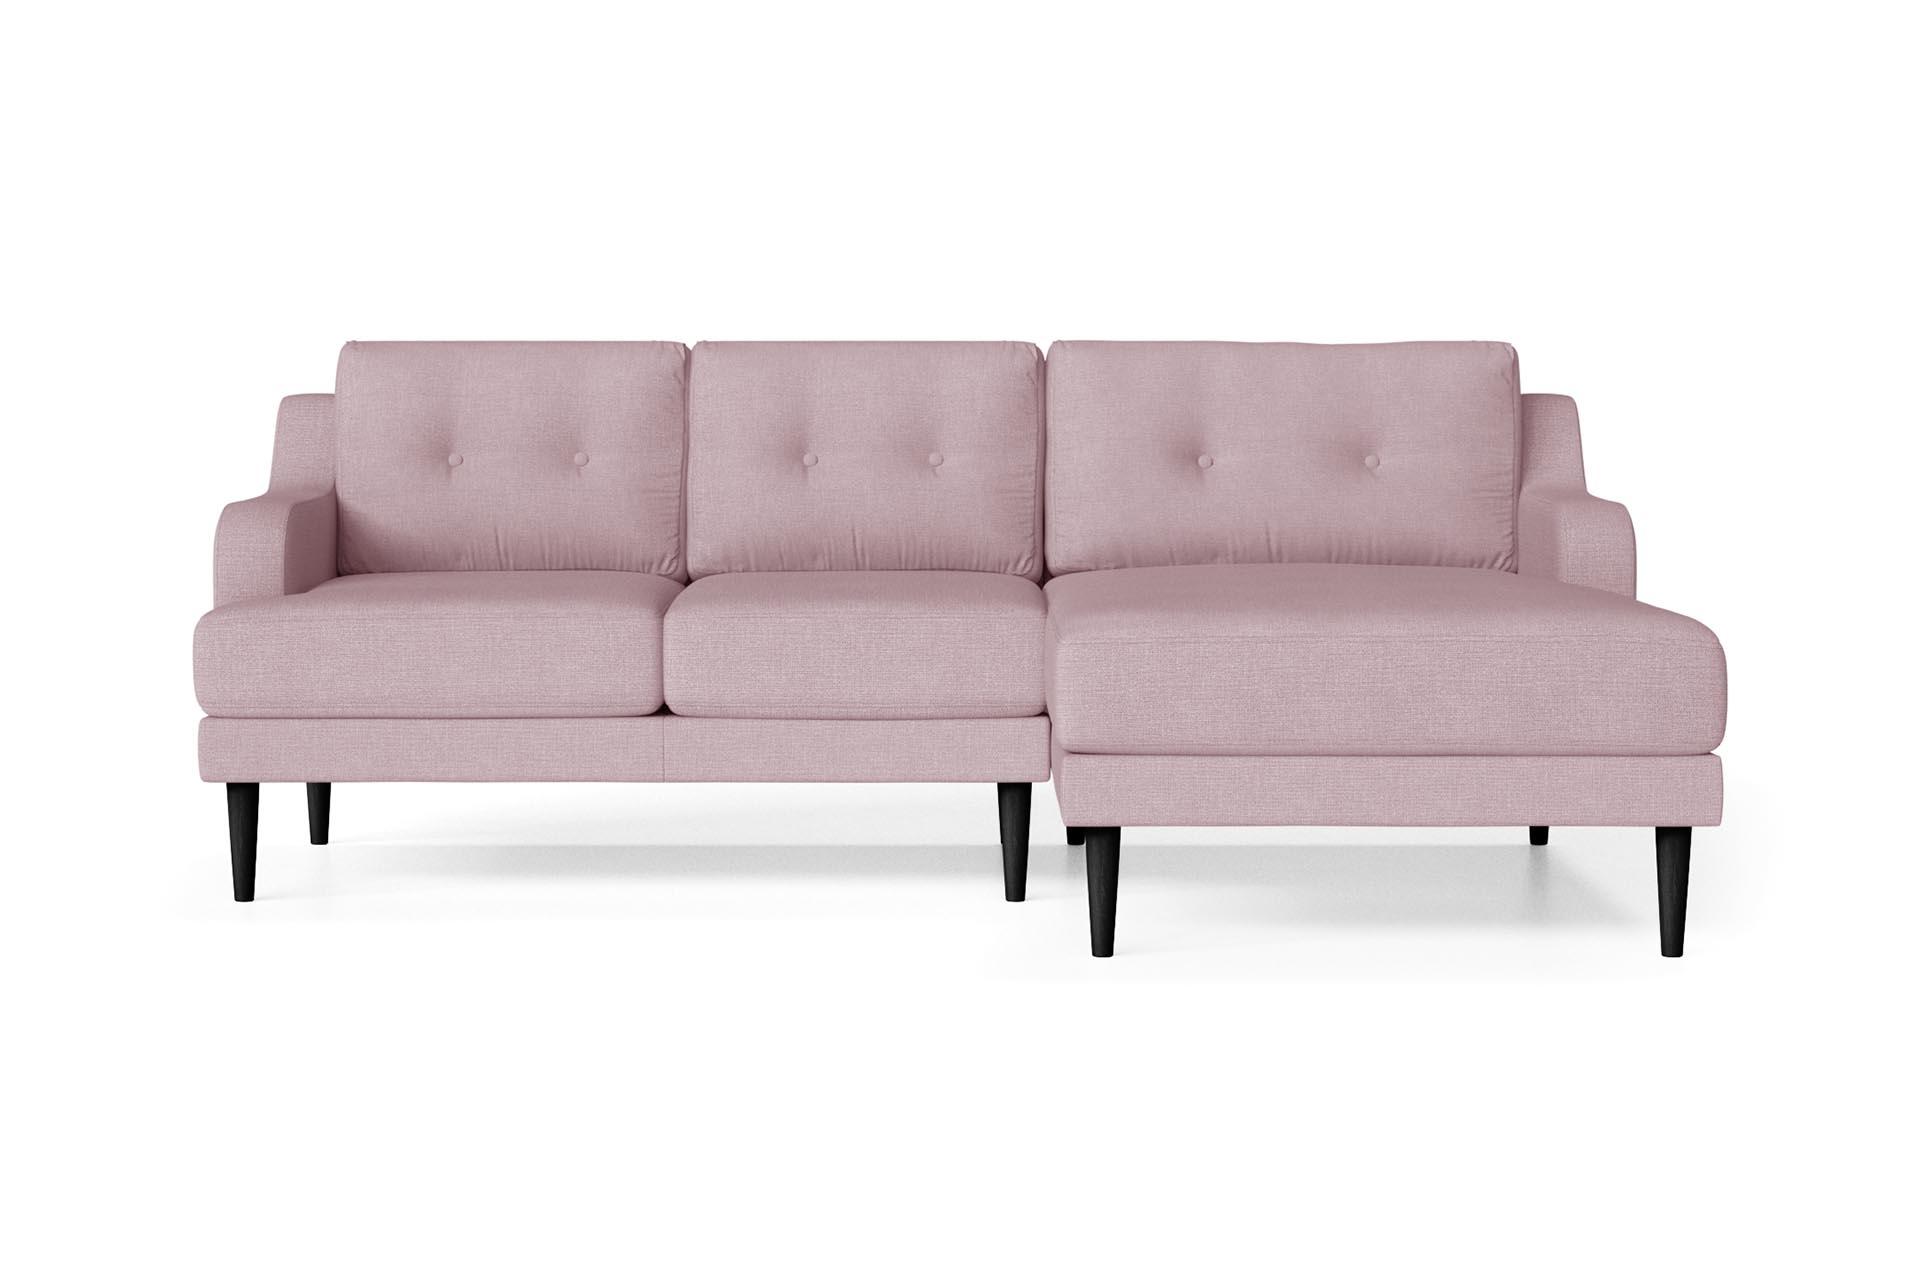 Canapé d'angle droit 4 places toucher lin rose